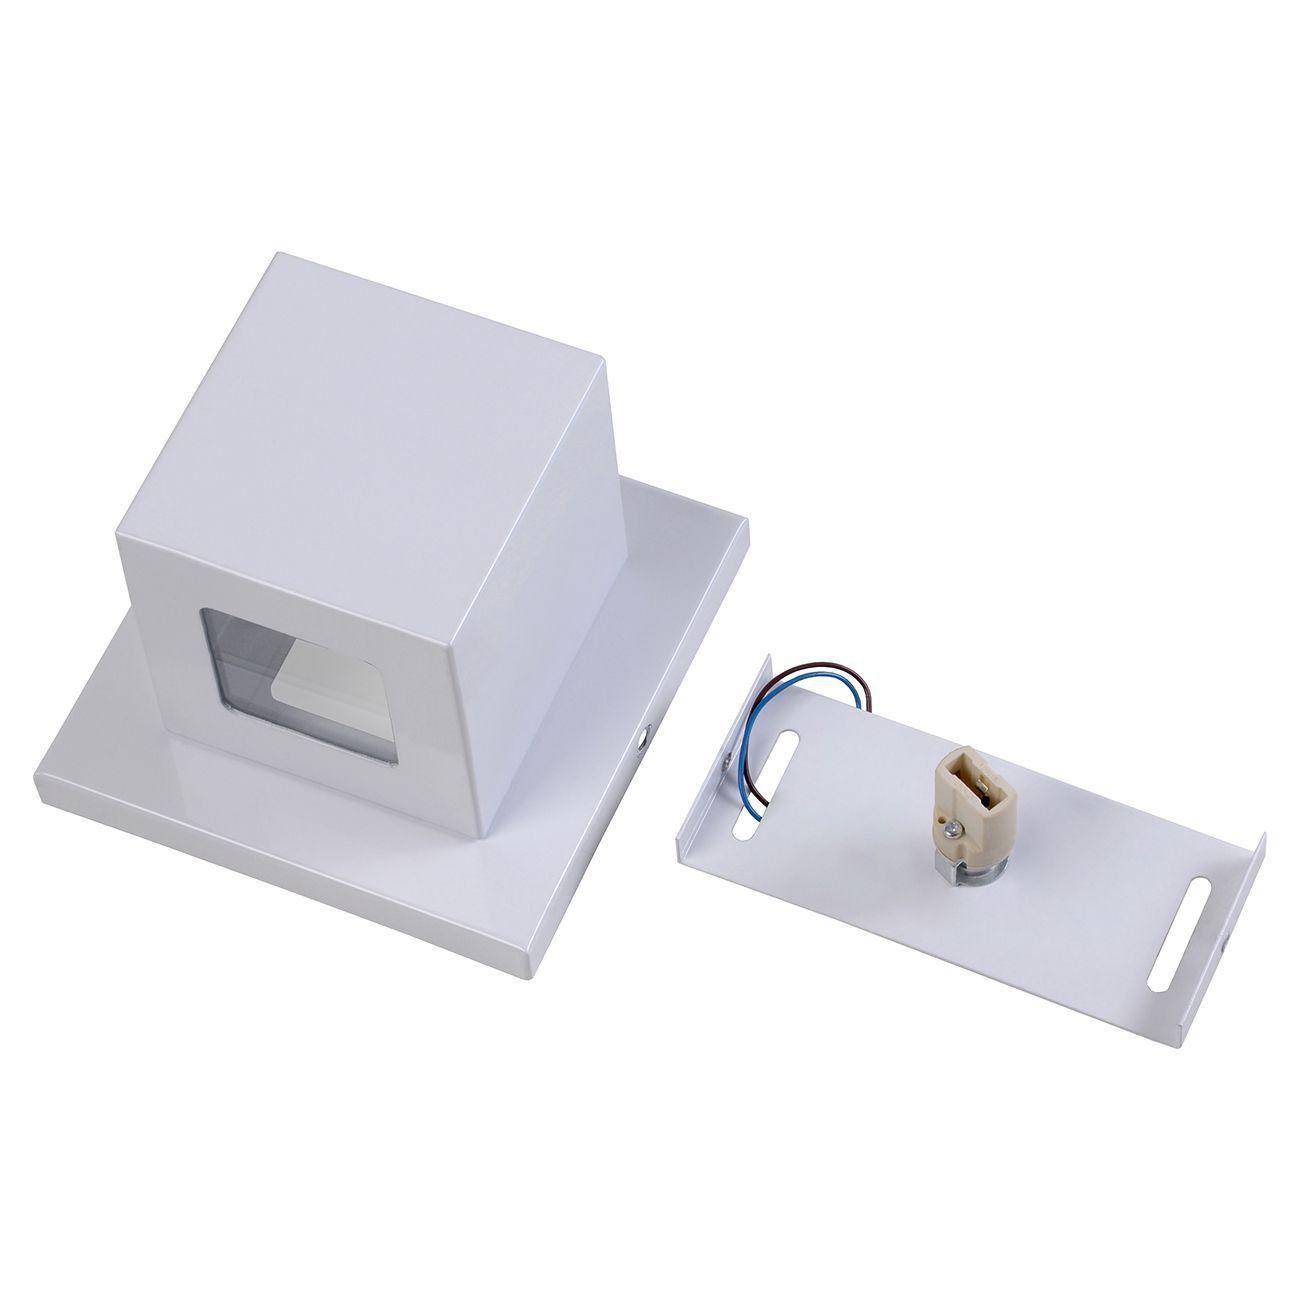 Arandela Box 2 Focos Luminária Externa Interna Muro Parede Alumínio Branco - Rei da Iluminação